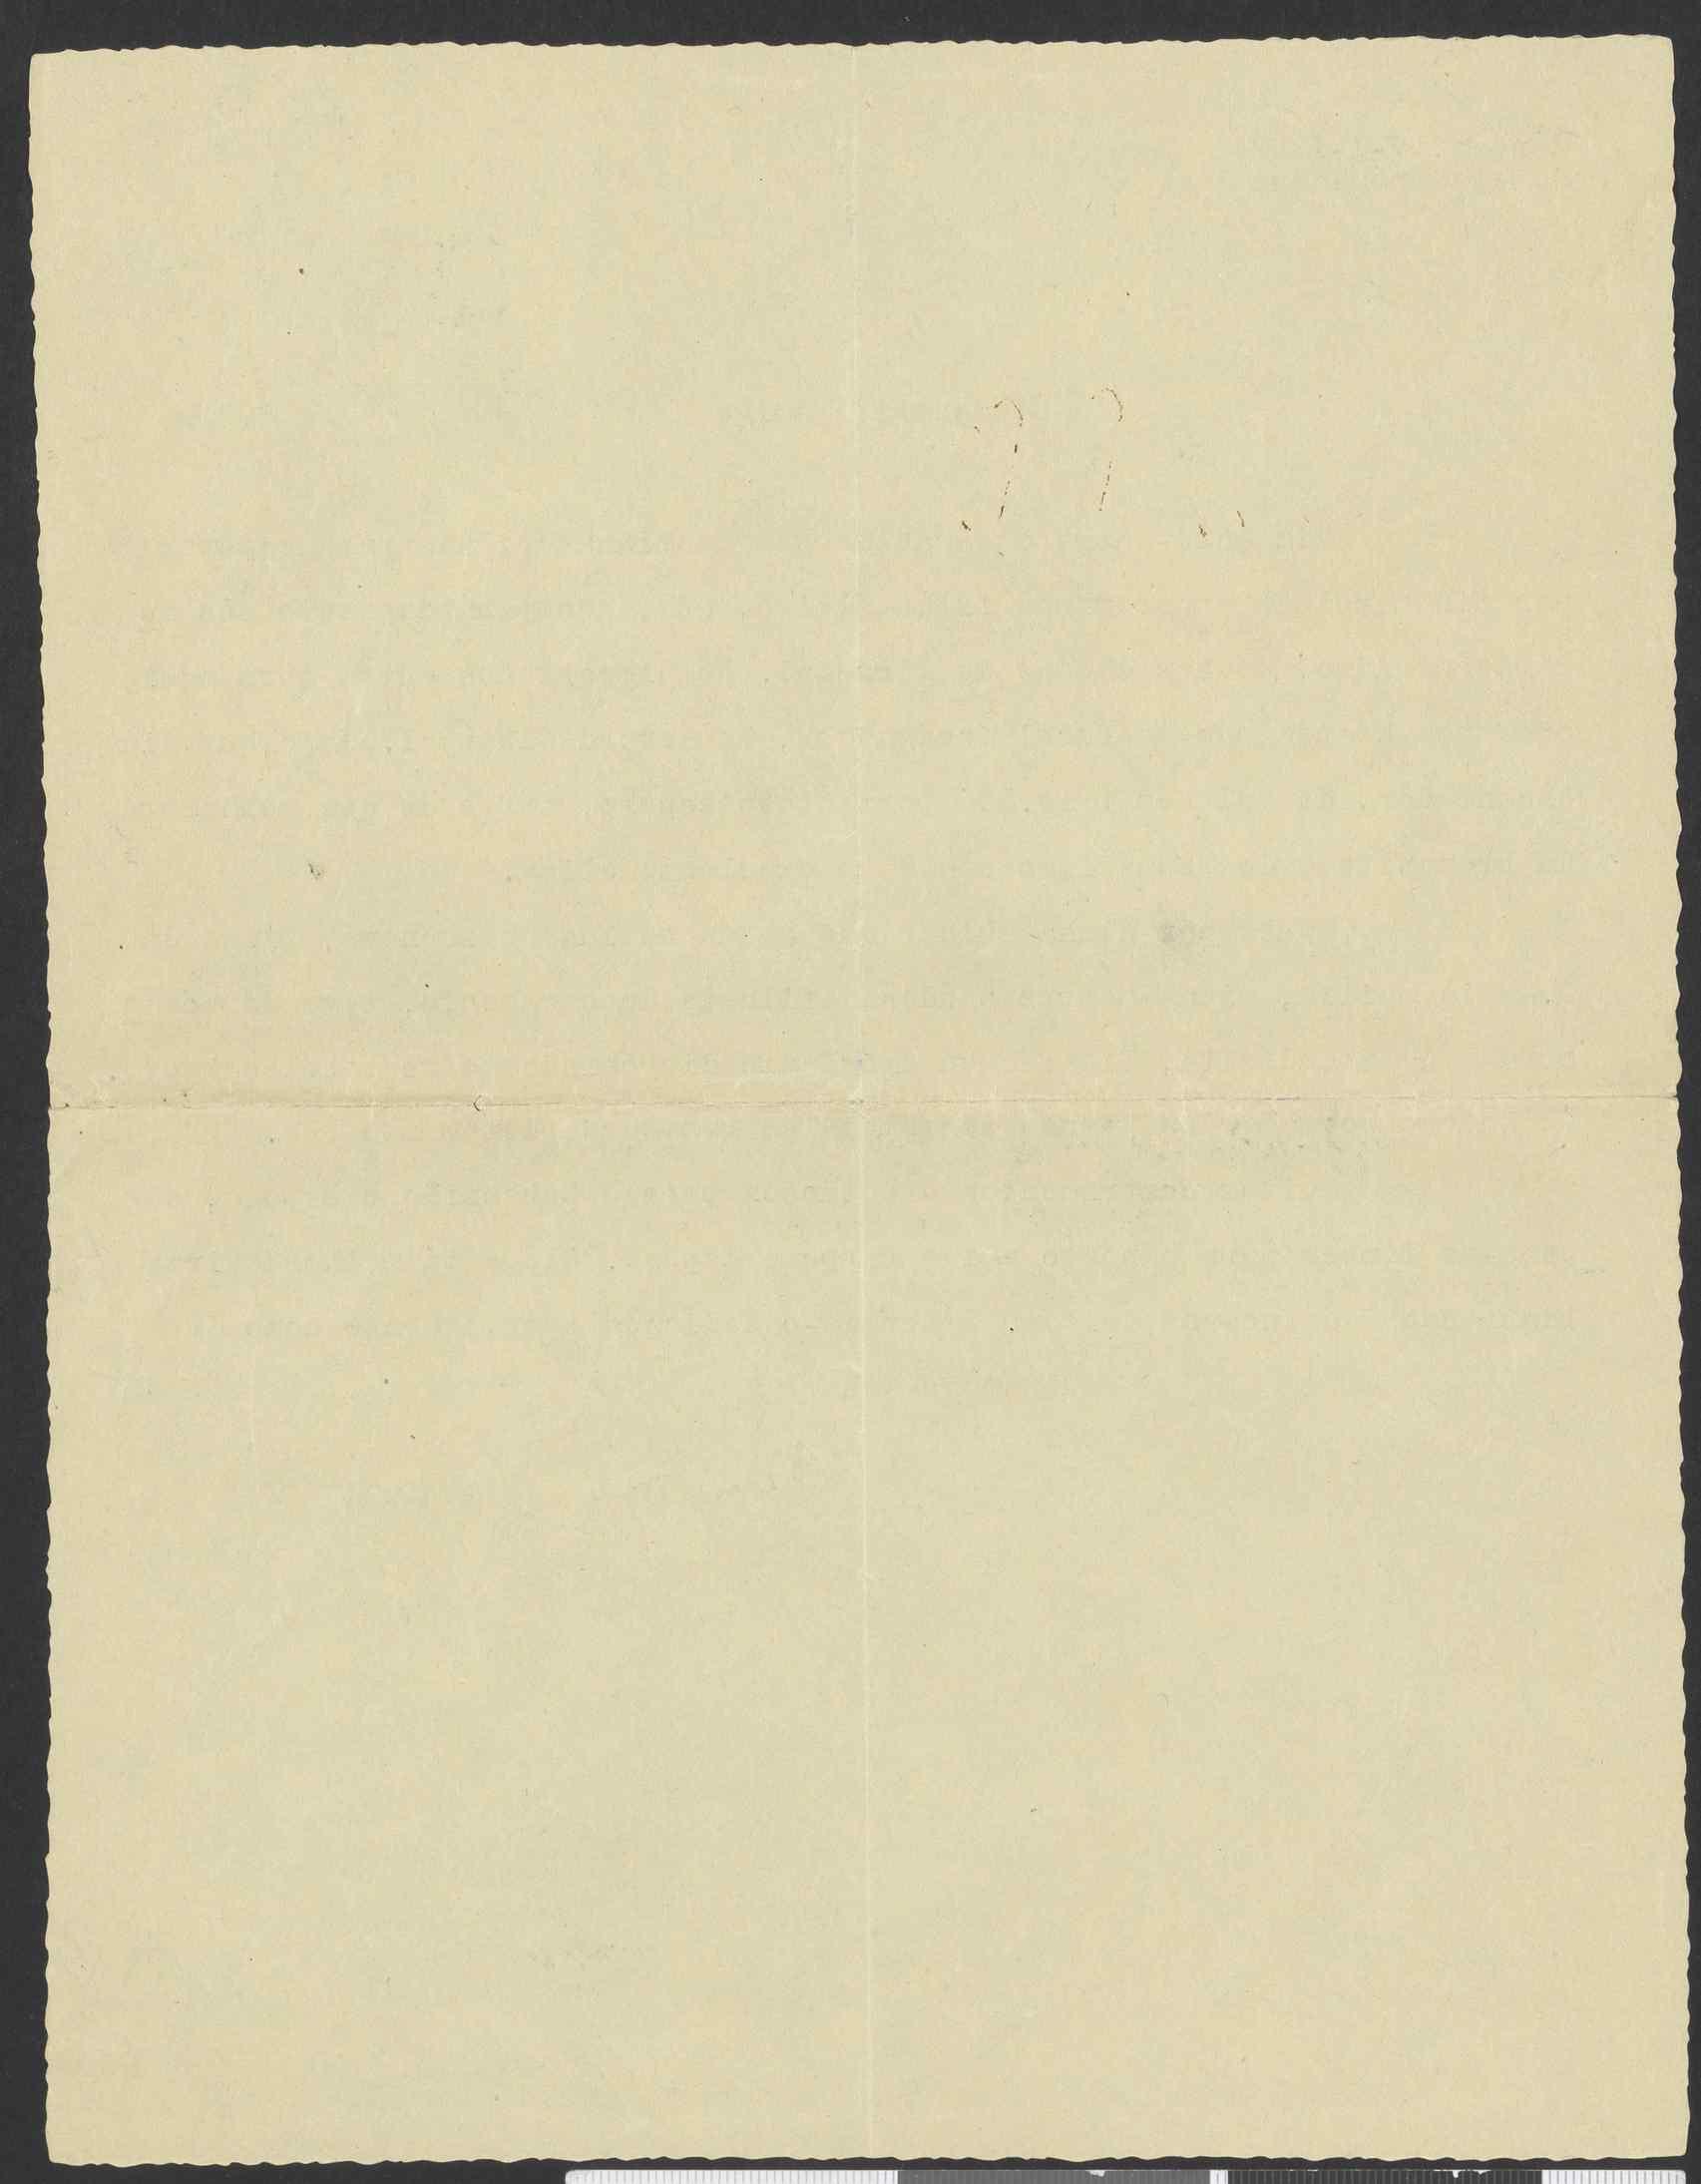 07219.129- pag.2